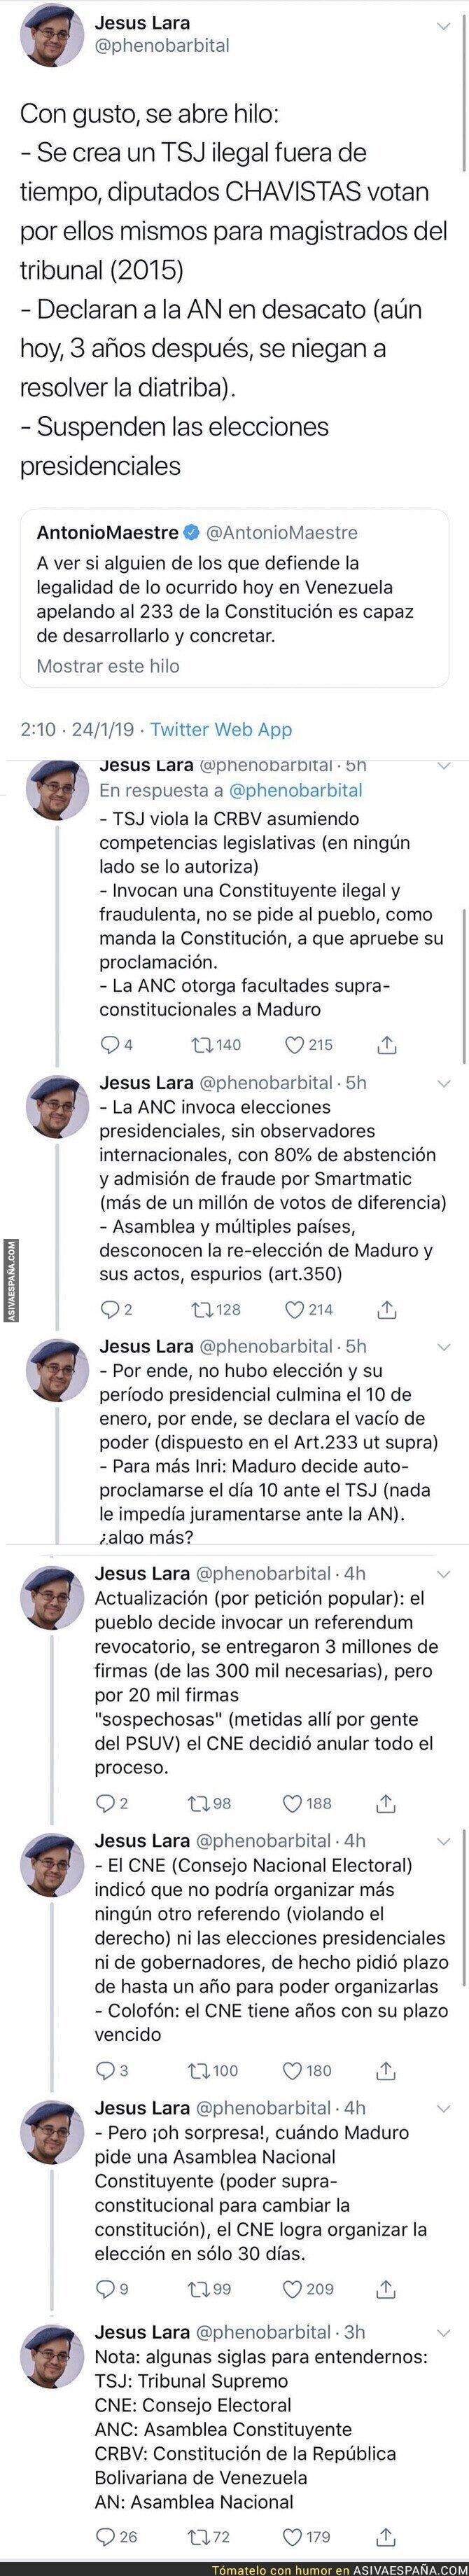 103352 - Antonio Maestre reta a alguien que le demuestre que lo de Venezuela y su nuevo presidente es legal y le dejan retratado